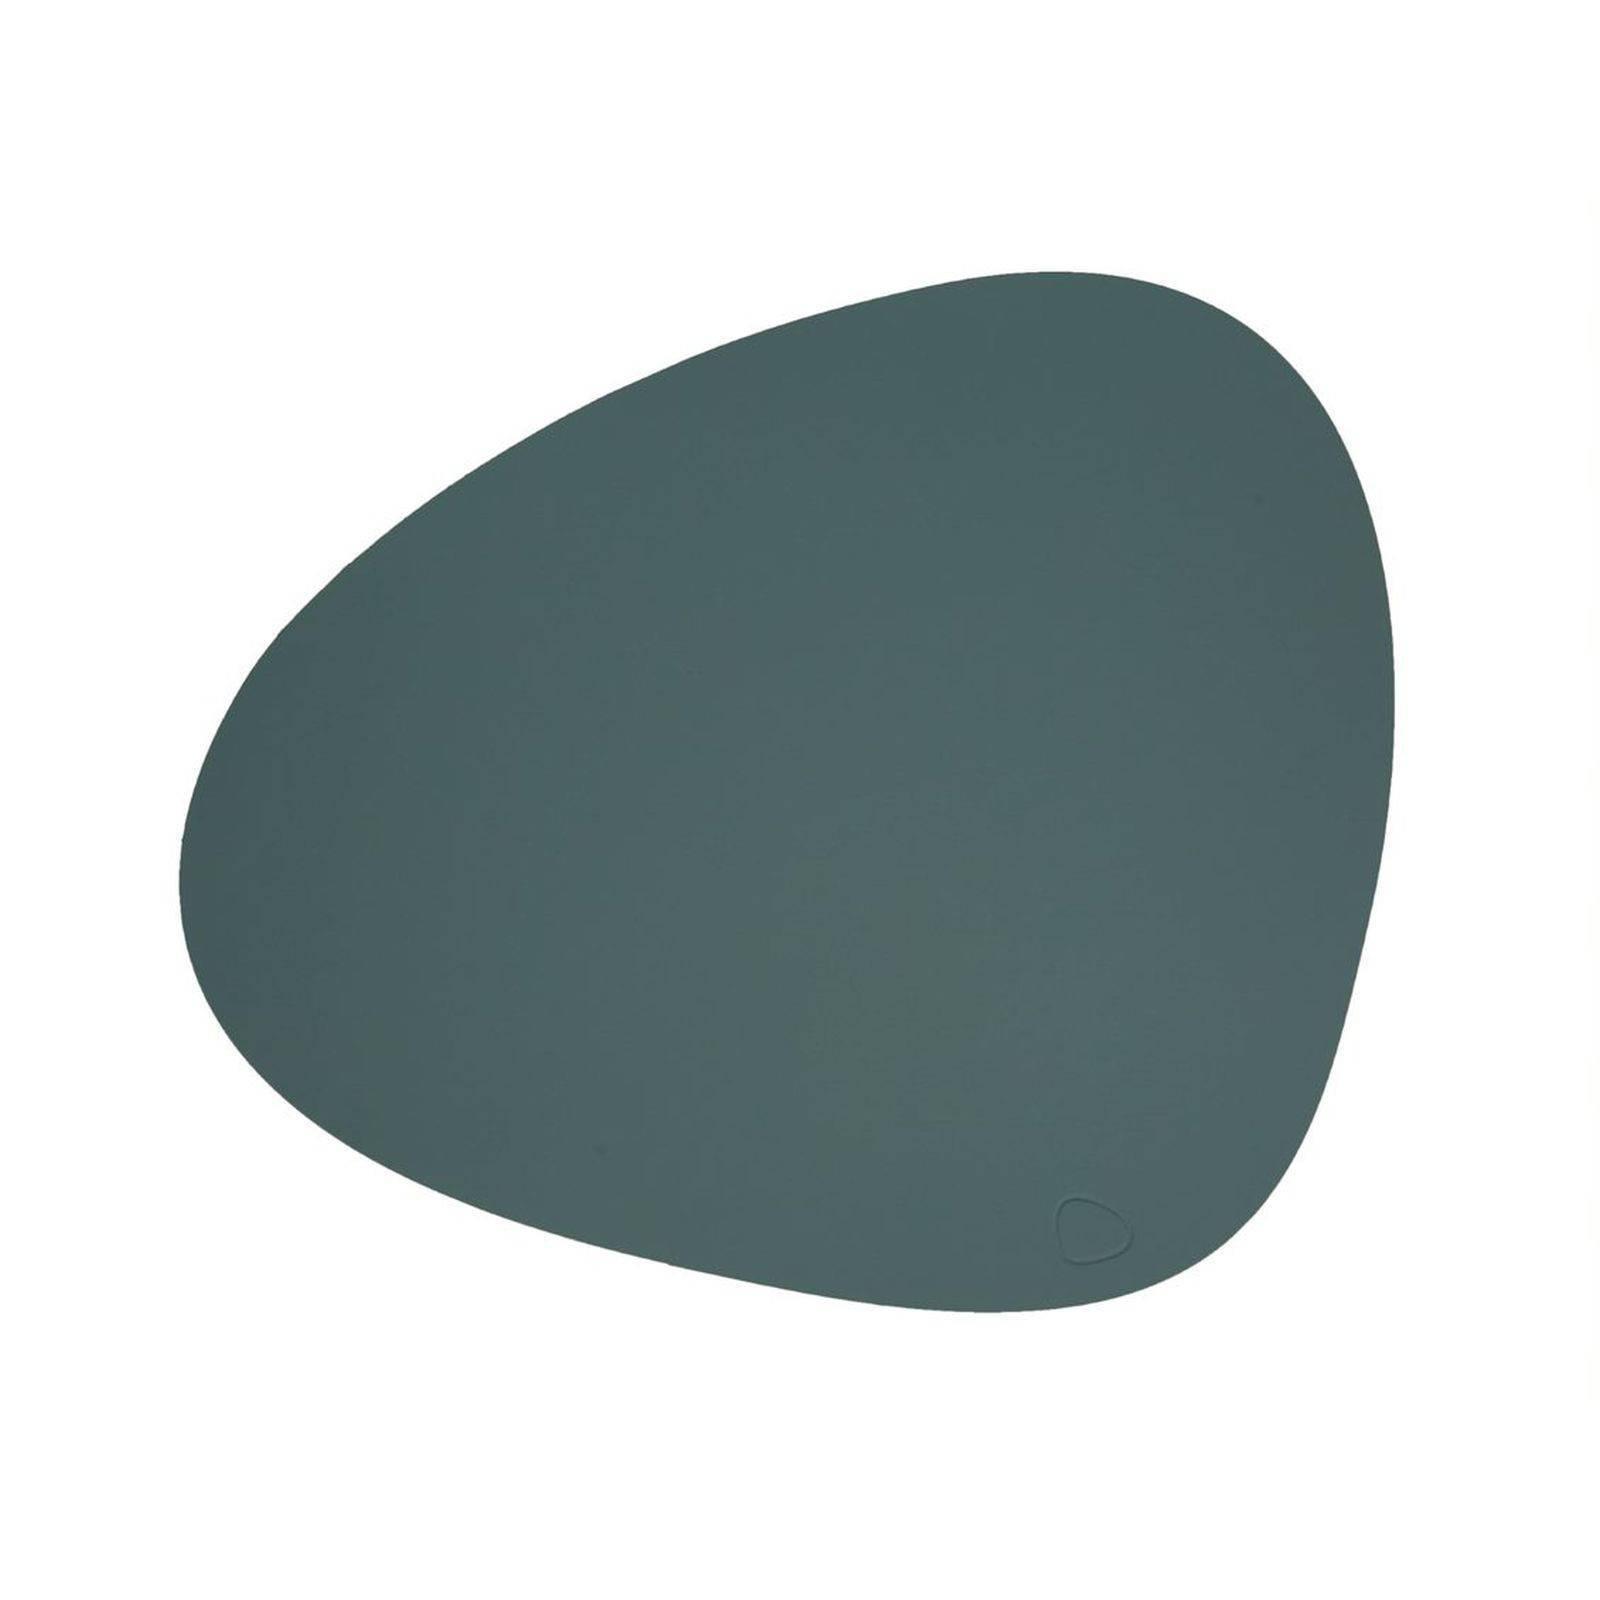 Merkloos Lind Dna Placemat Leer Softbuck Groen 37 X 44 Cm online kopen